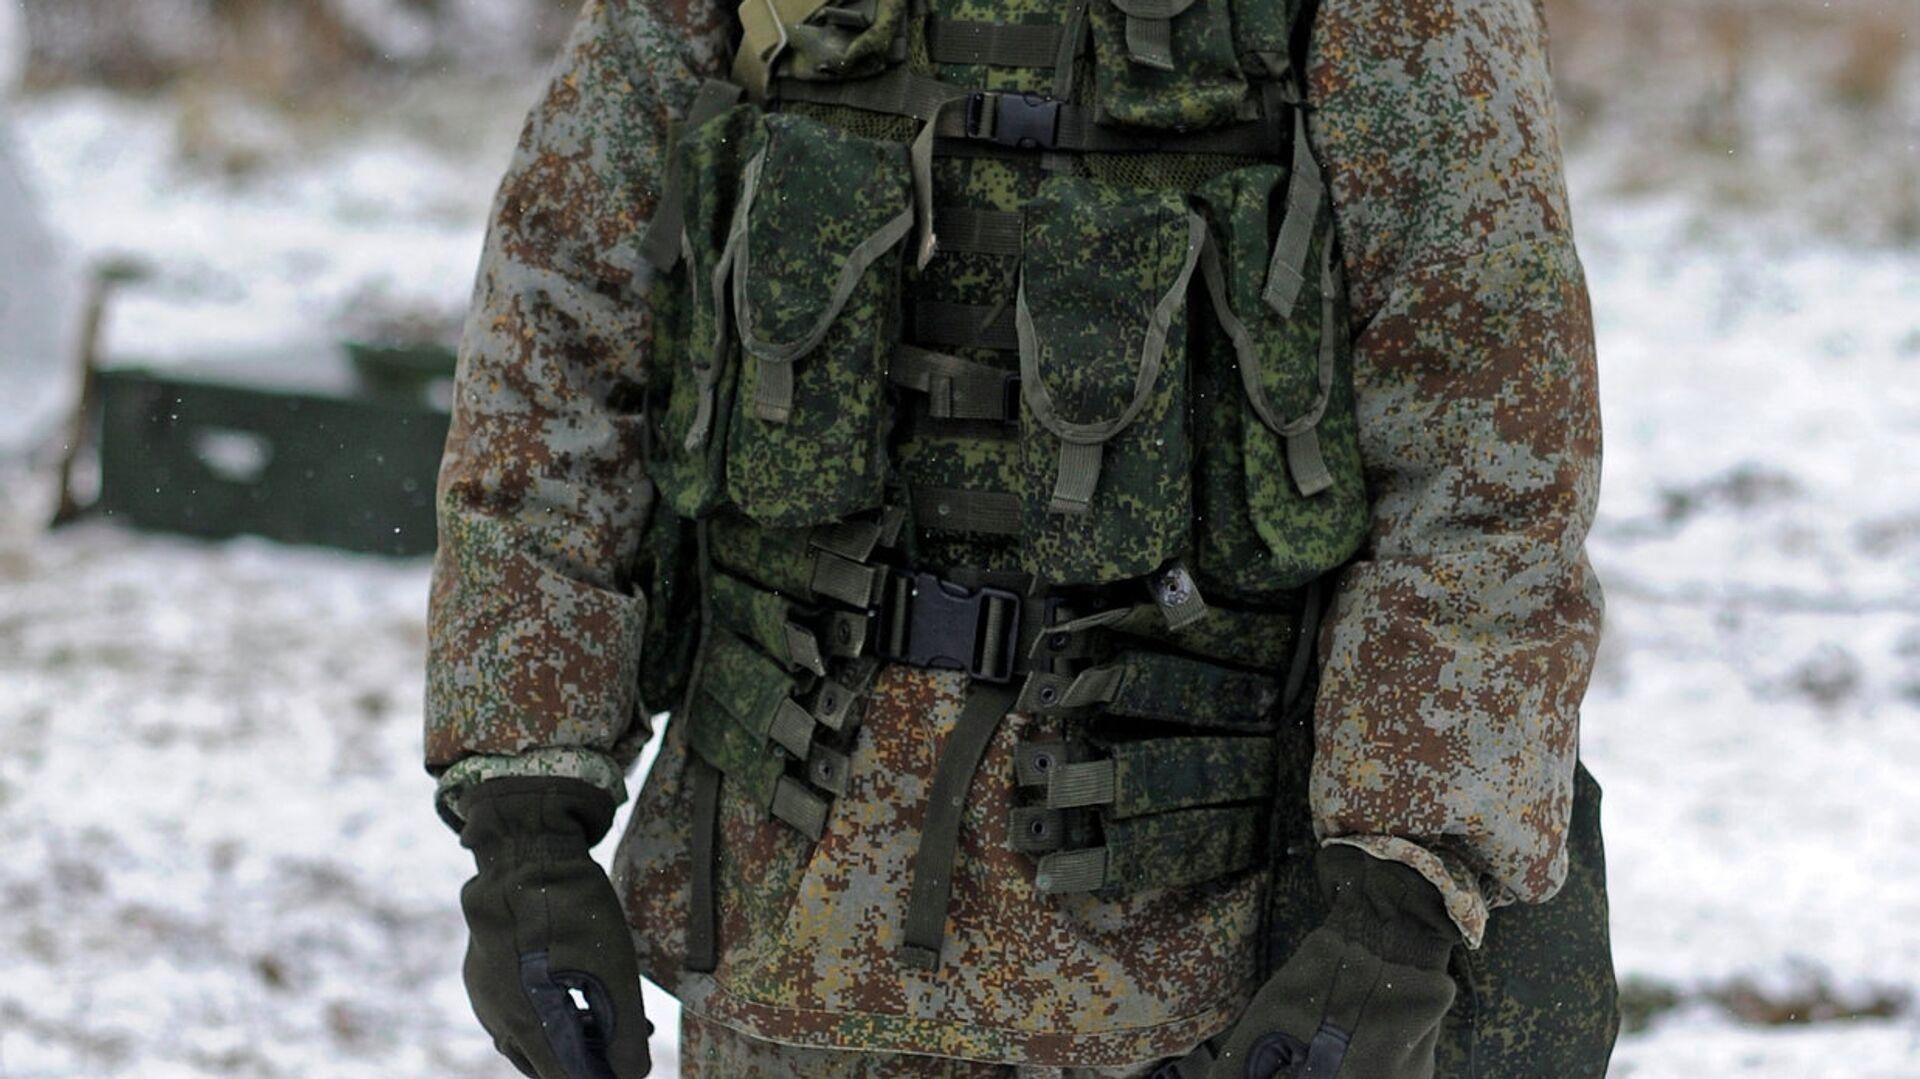 Новая боевая экипировка для военнослужащих сухопутных войск - РИА Новости, 1920, 22.01.2021